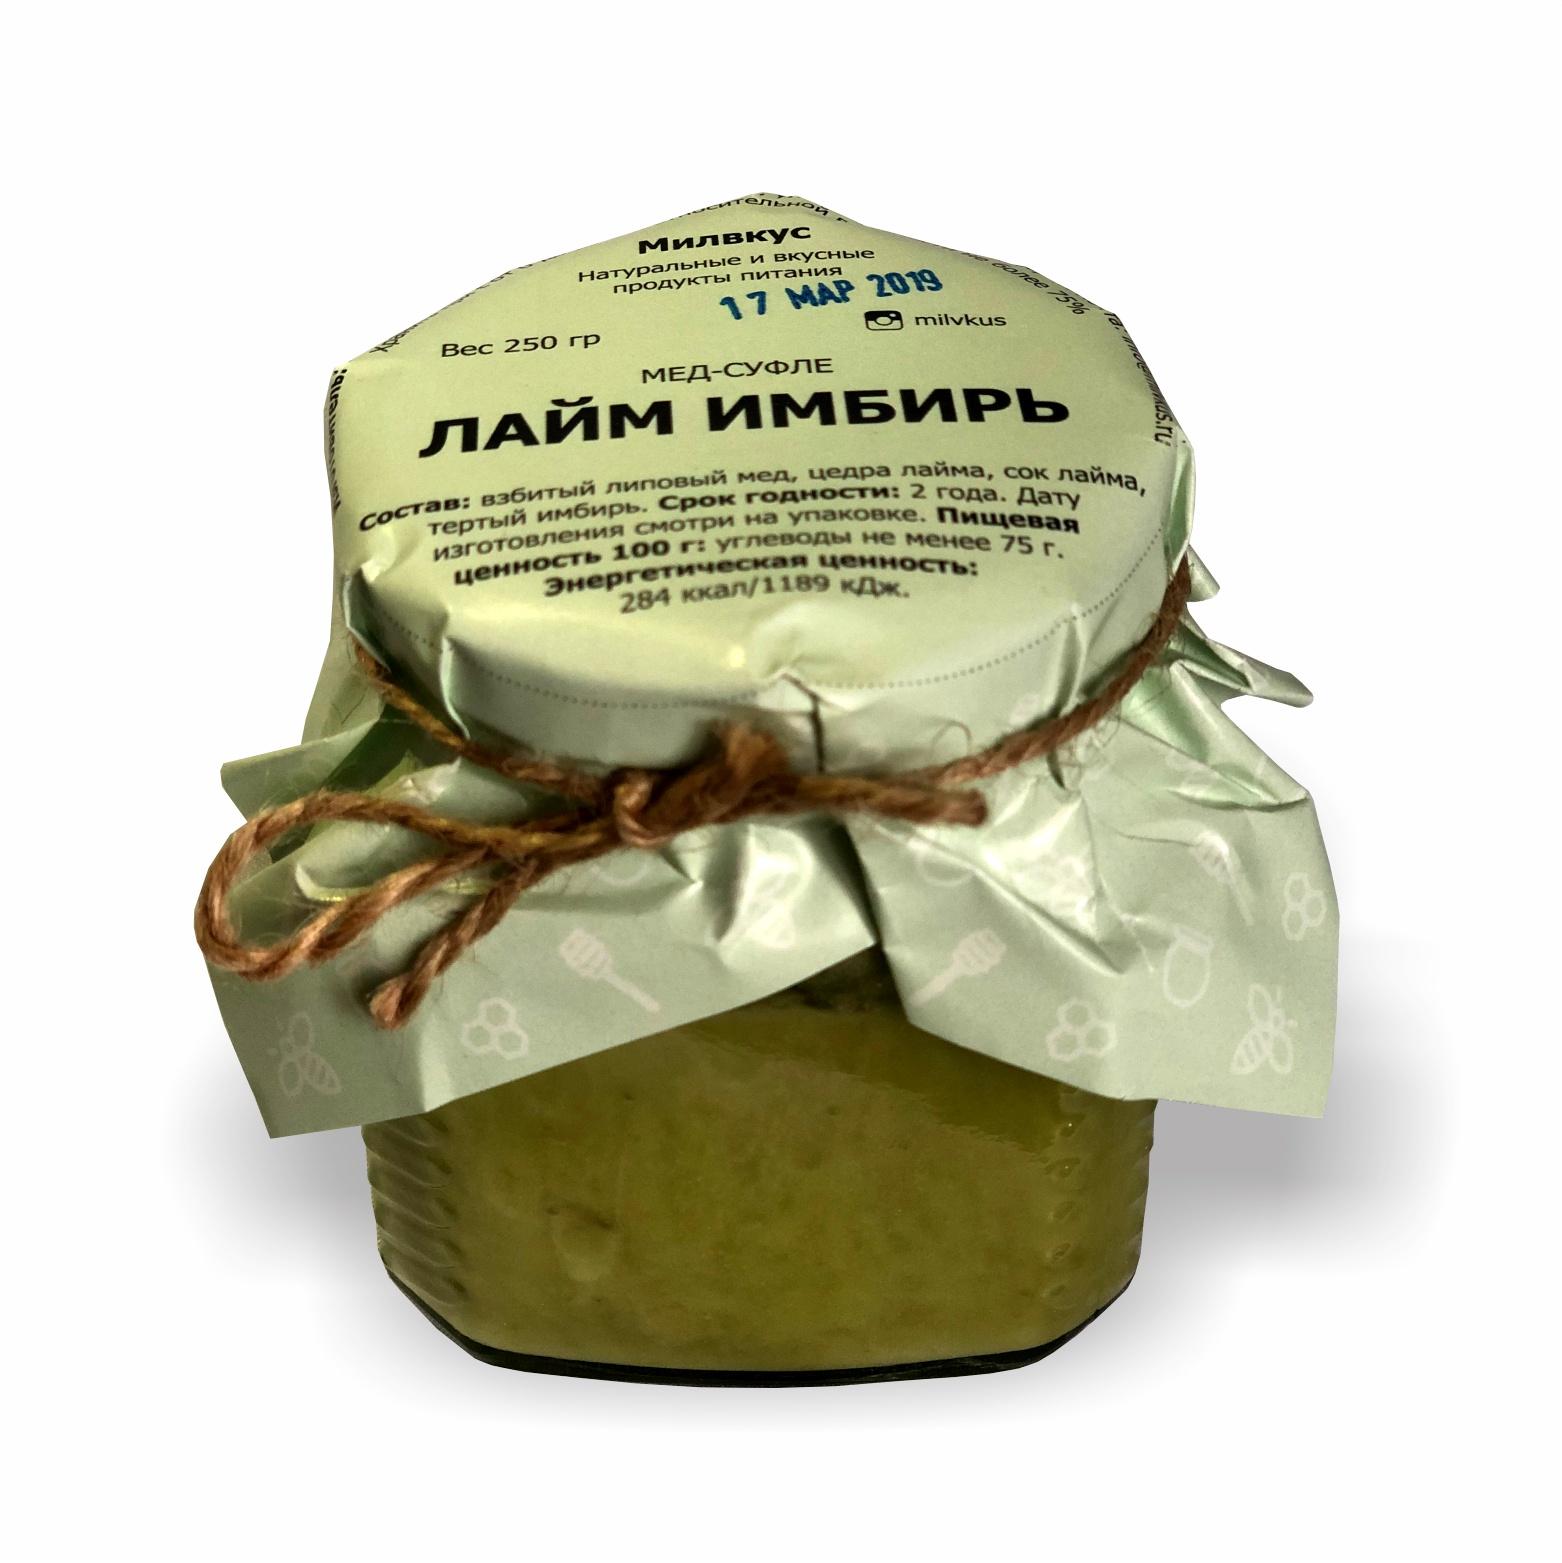 Мед-суфле Милвкус MV10003 Стеклянная банка, 250 мед натуральный берестов а с липовый башкирхан 360 г